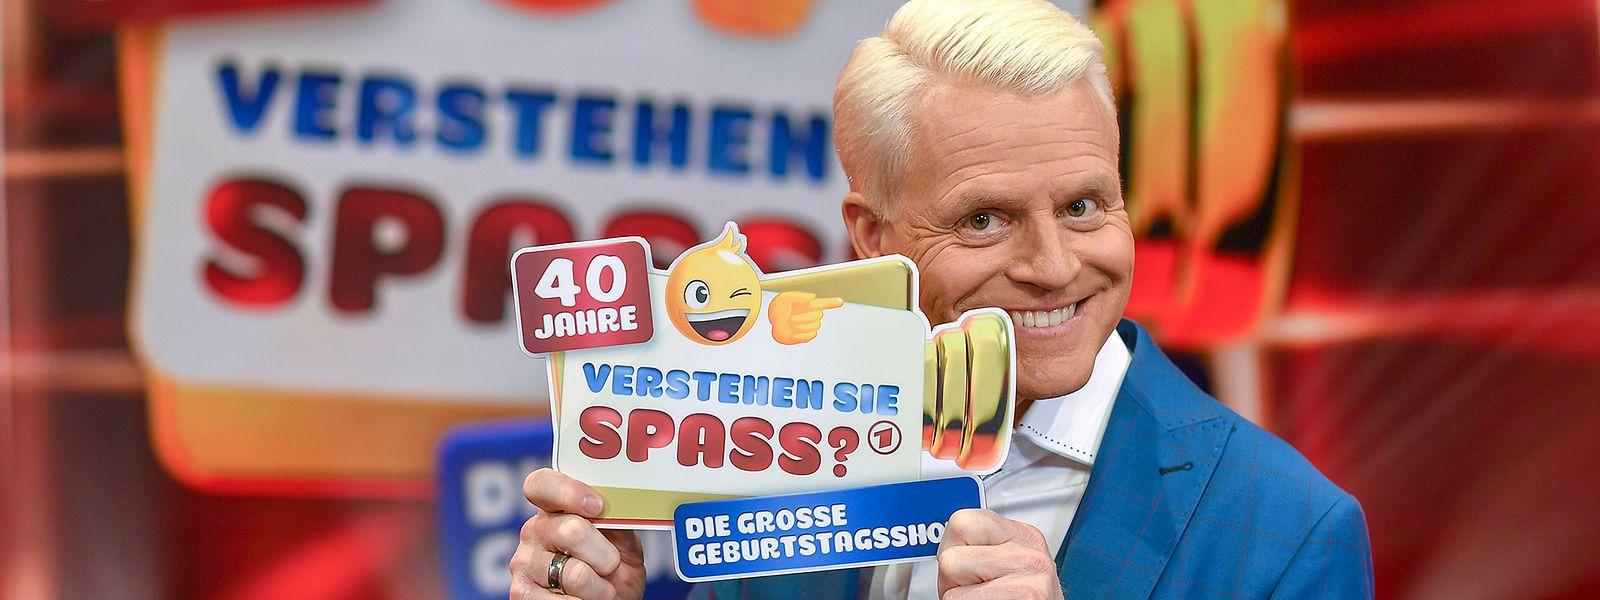 """Auch der ehemalige Büttenredner Guido Cantz hat allen Grund zum Feiern: Er ist seit zehn Jahren Moderator der Show """"Verstehen Sie Spaß?""""."""